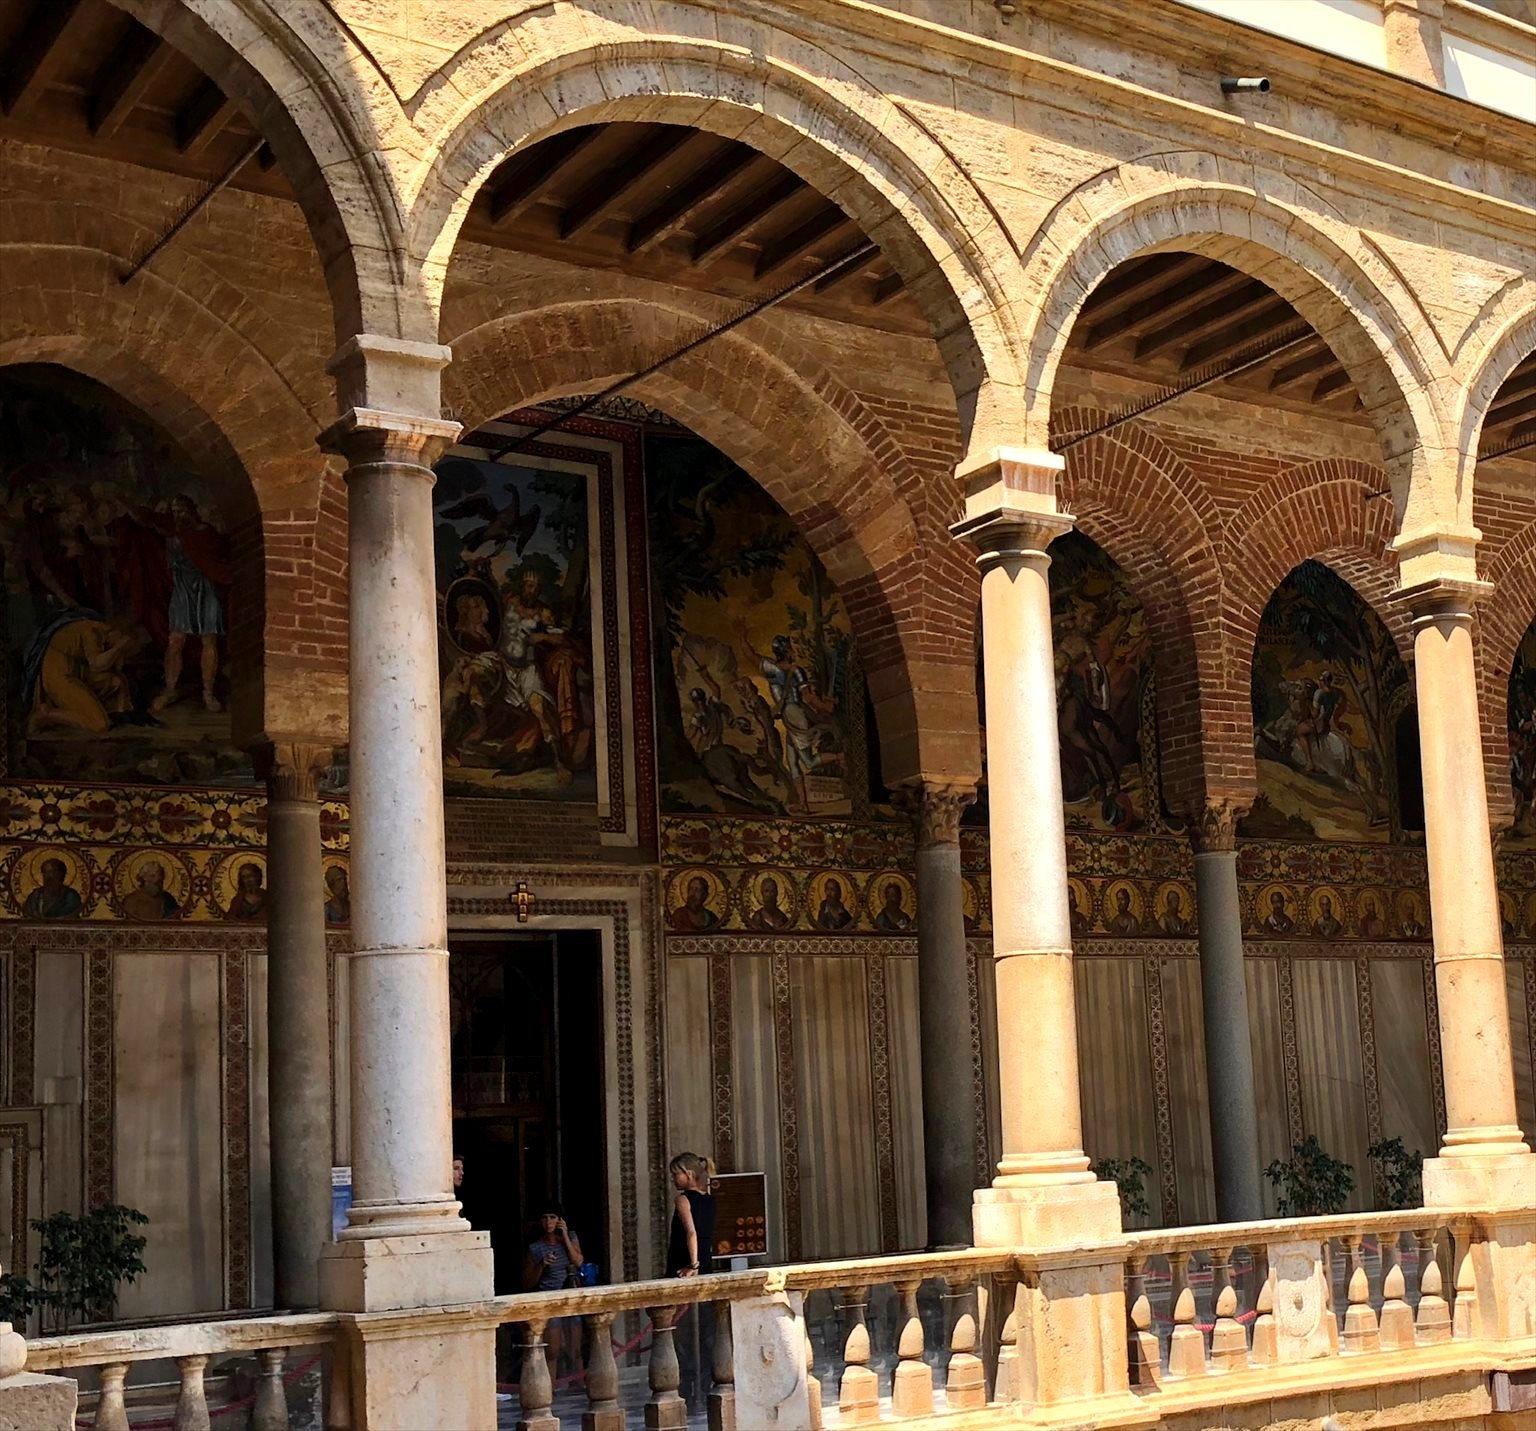 パレルモ 2  圧巻のモザイク装飾 パラティーナ礼拝堂_a0092659_23182372.jpg